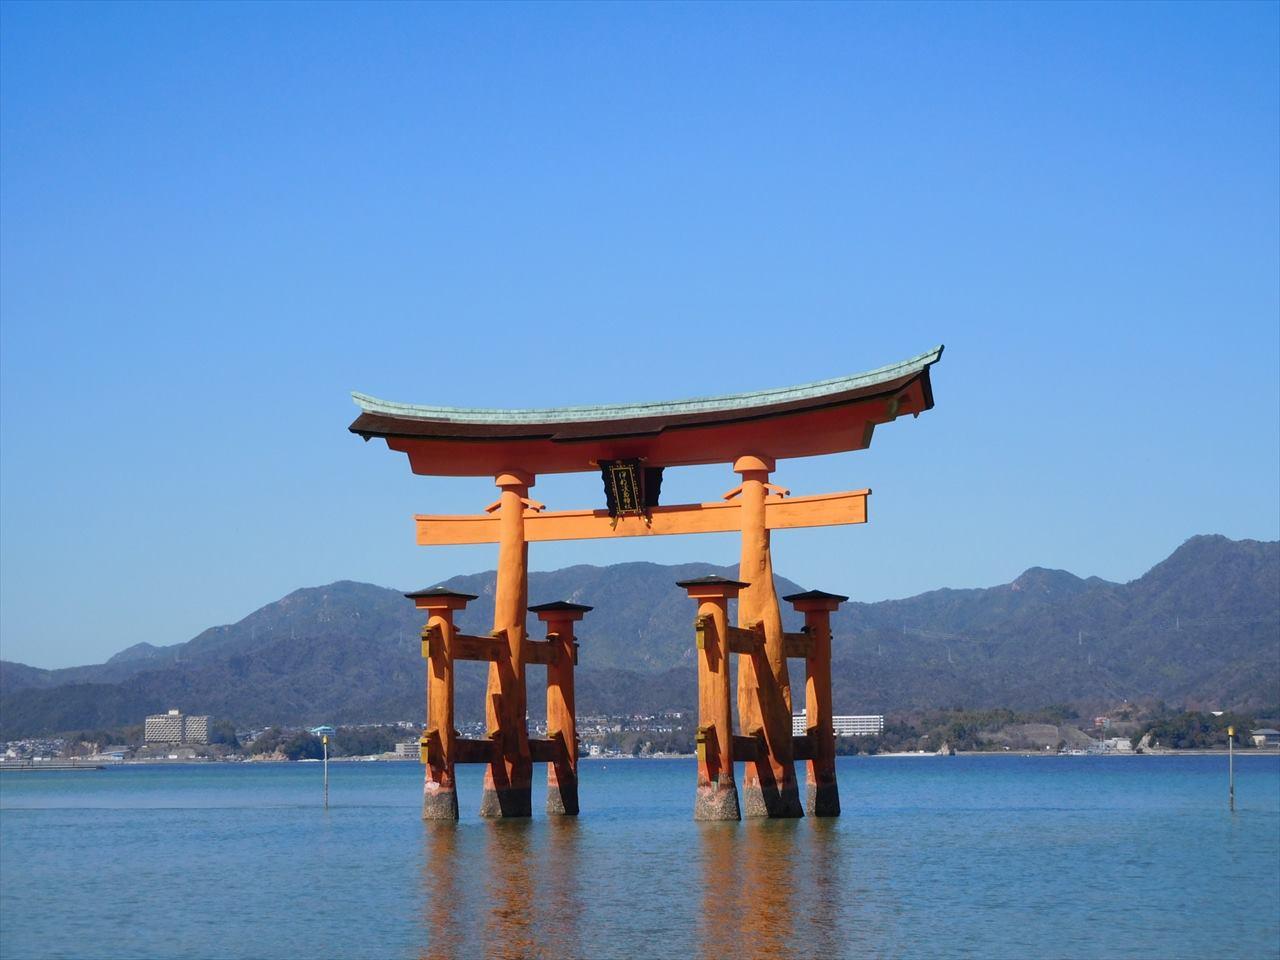 """修繕中でも美しすぎる!厳島神社・大鳥居のライトアップ""""修繕中バージョン""""が幻想的!"""